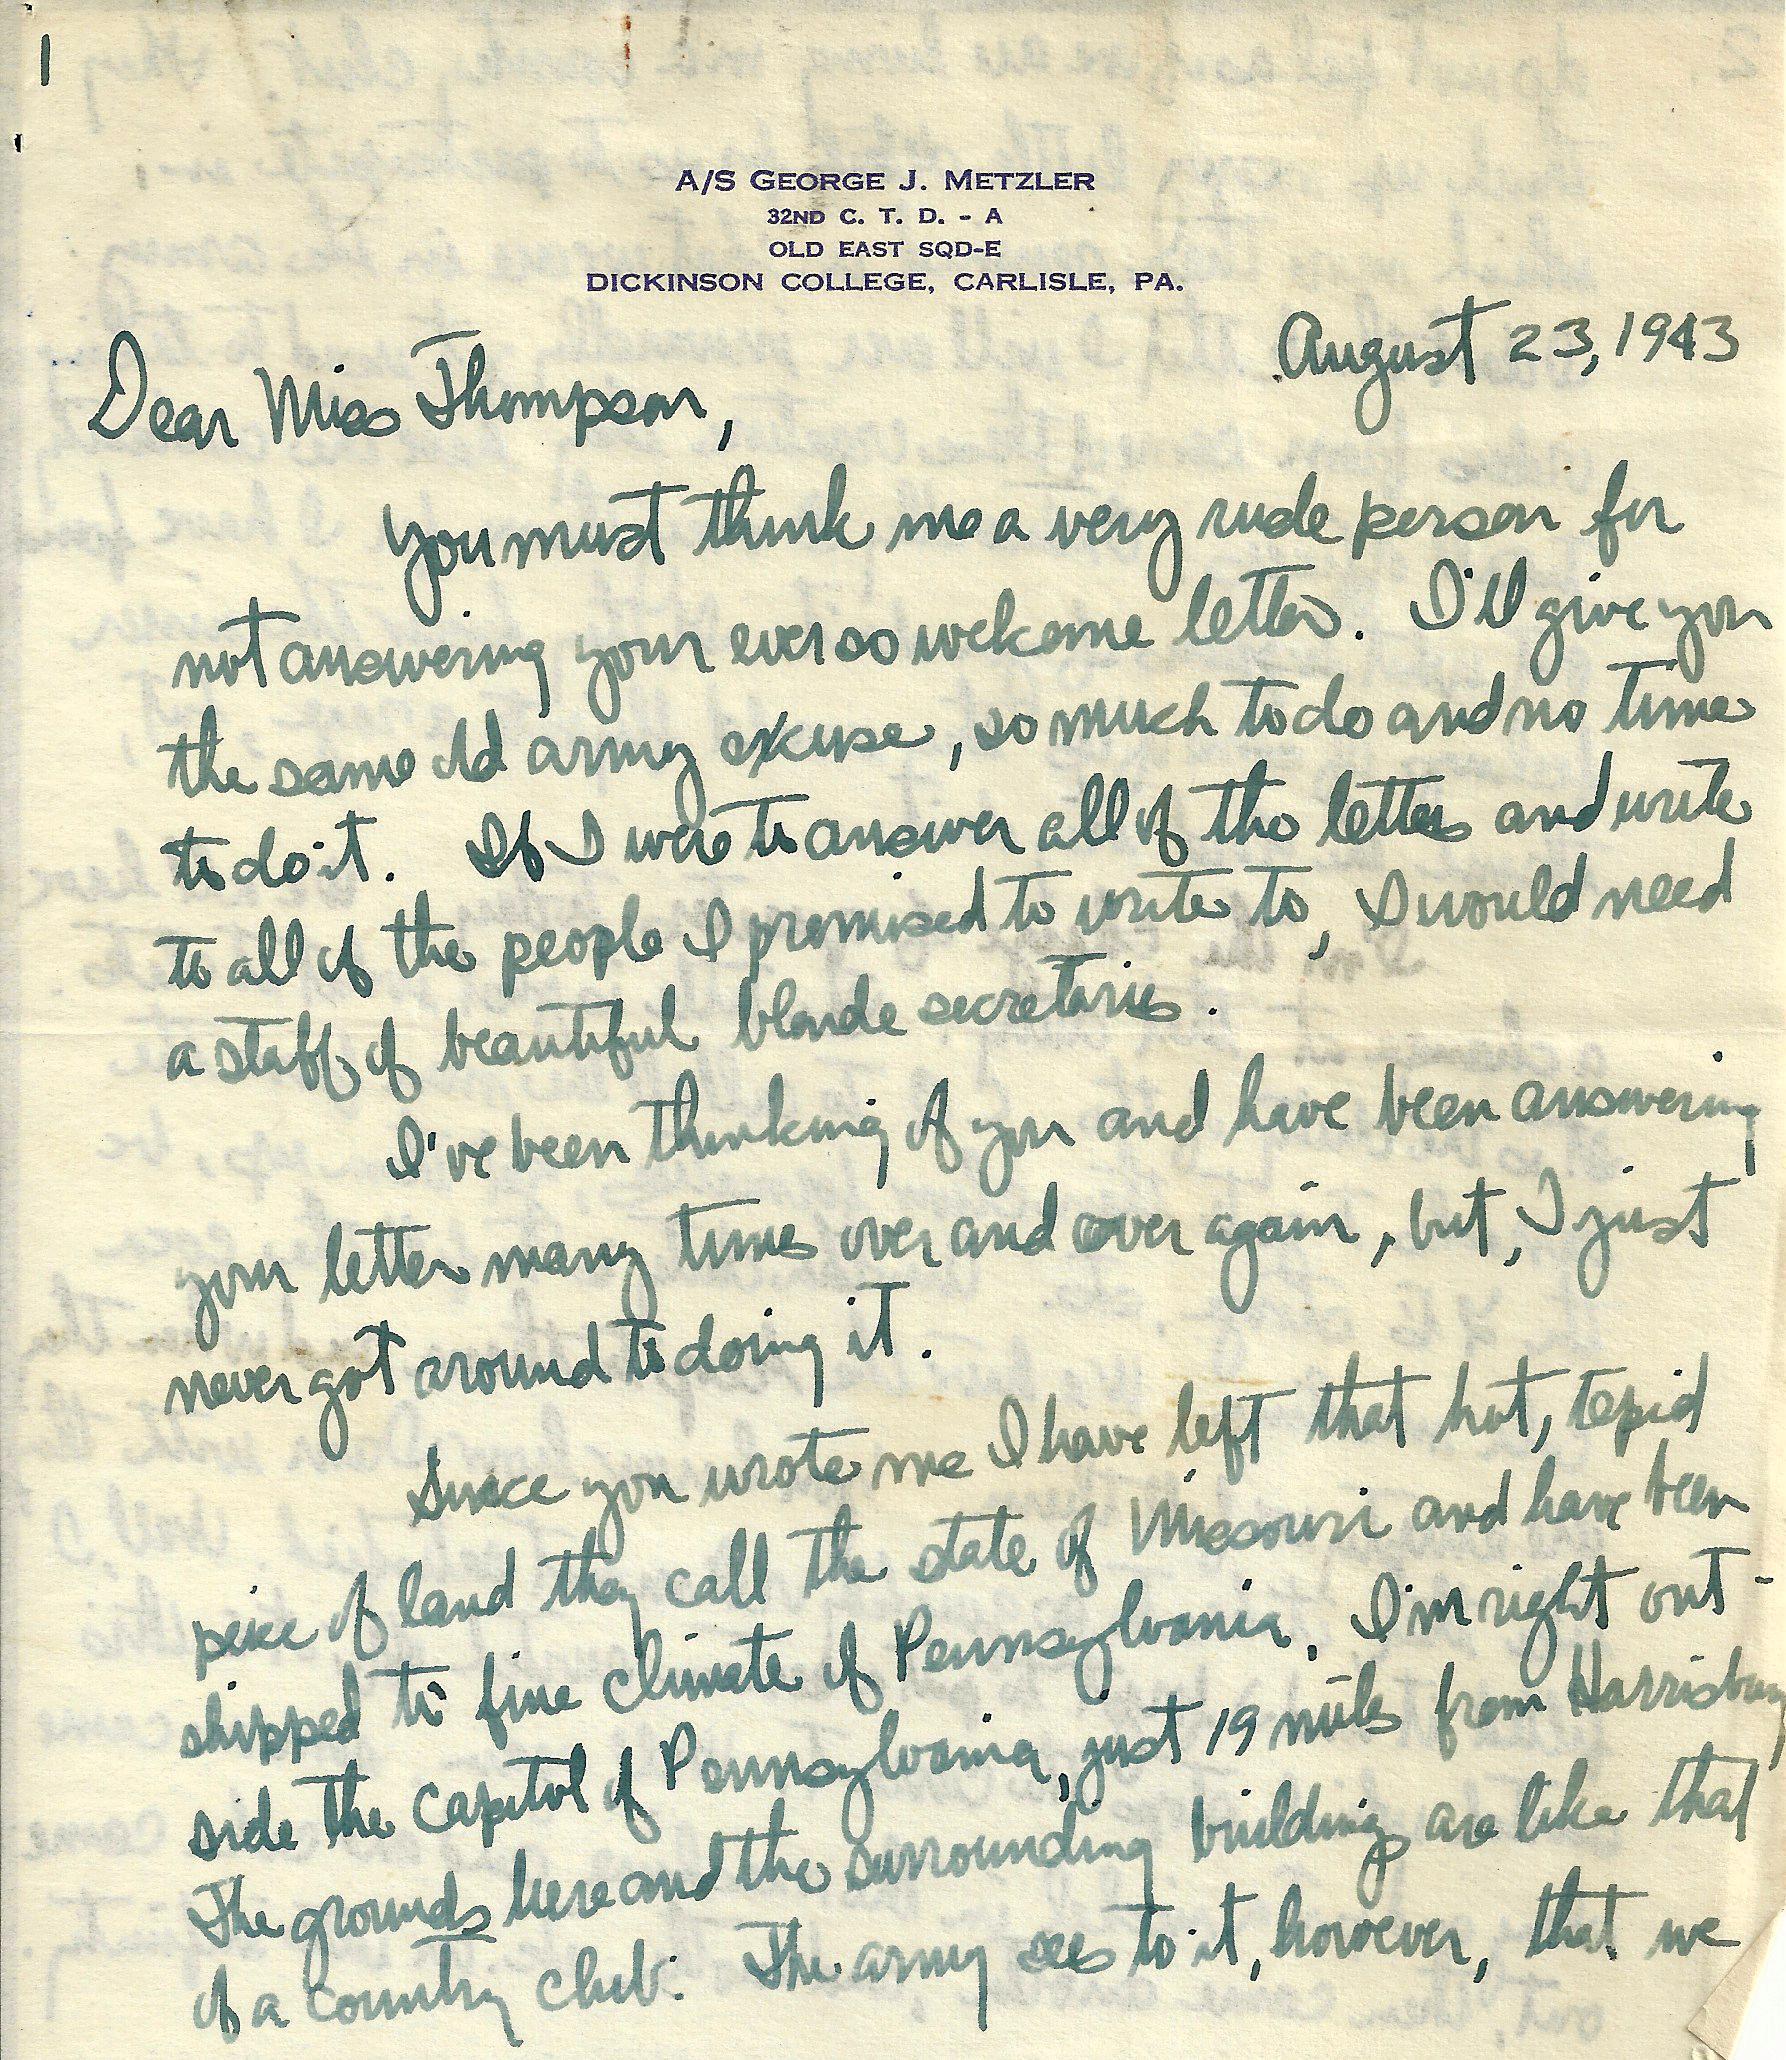 George Metzler August 23 1943